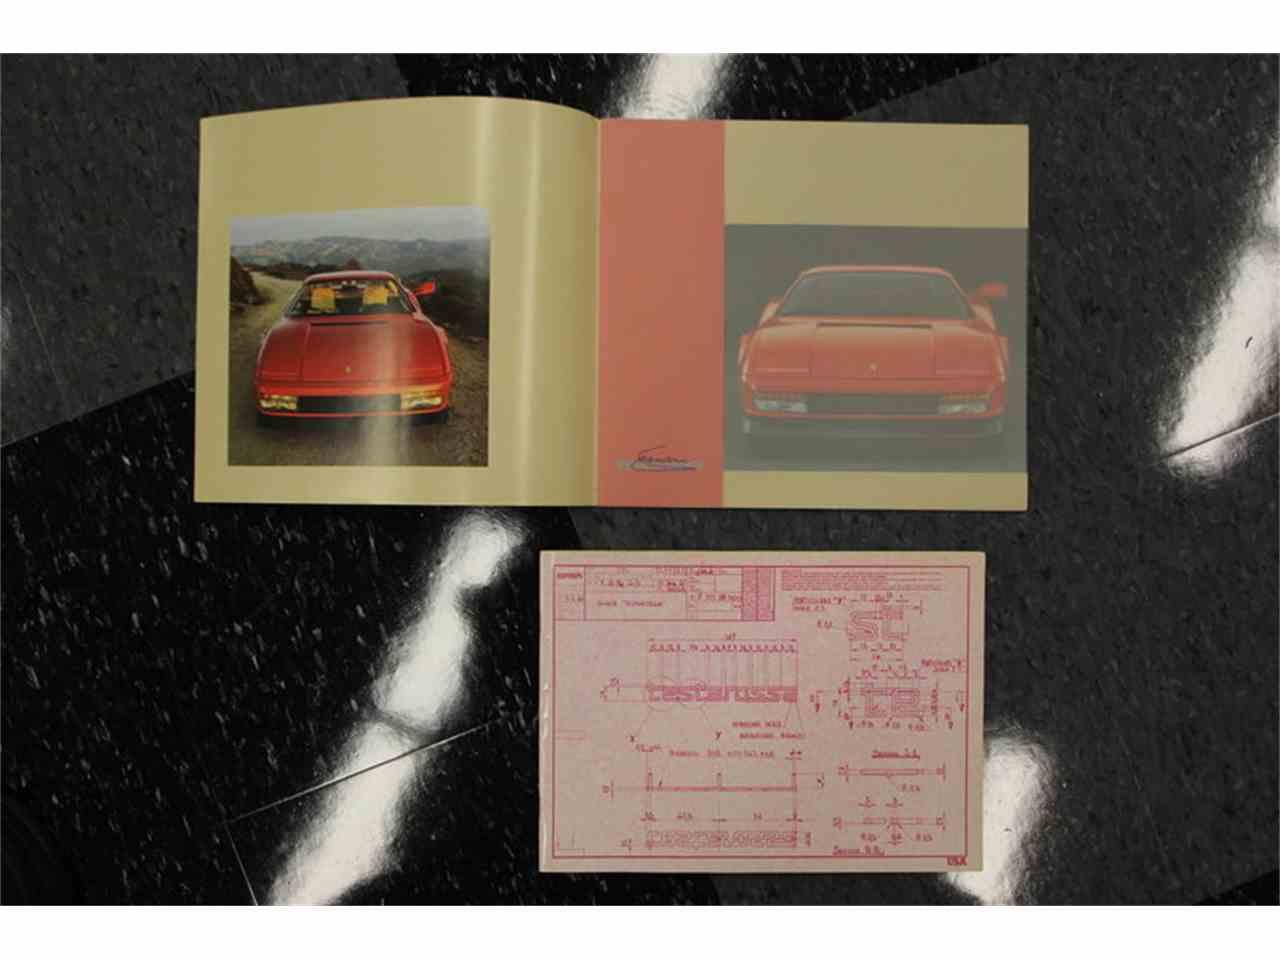 Large Picture of 1986 Ferrari Testarossa located in Lutz Florida - $159,995.00 - FNNC